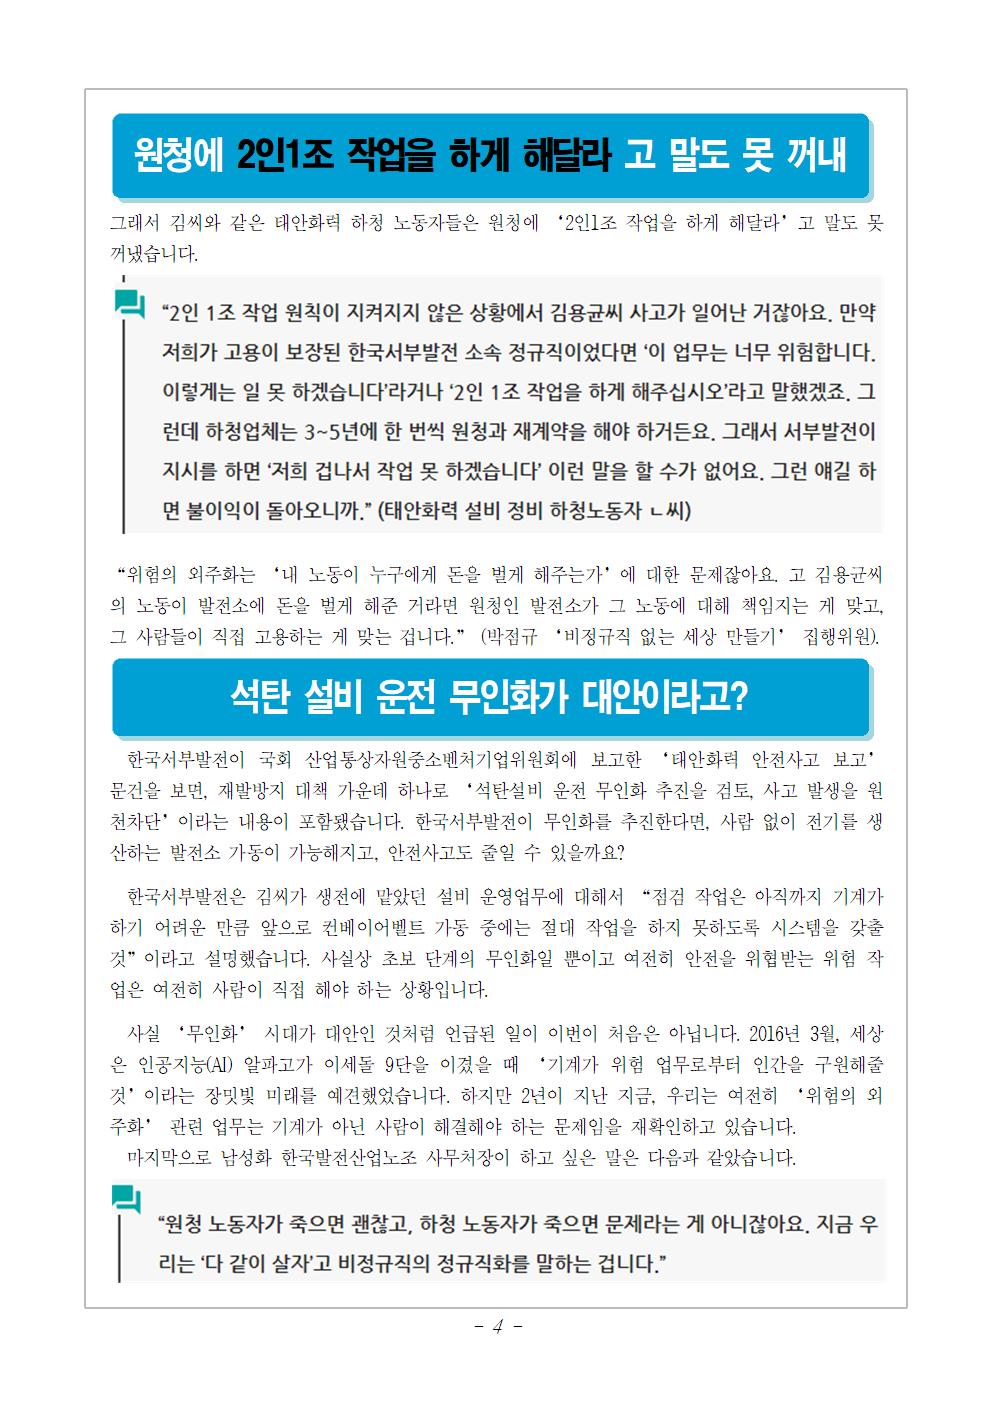 2018_교육지_부록004.png